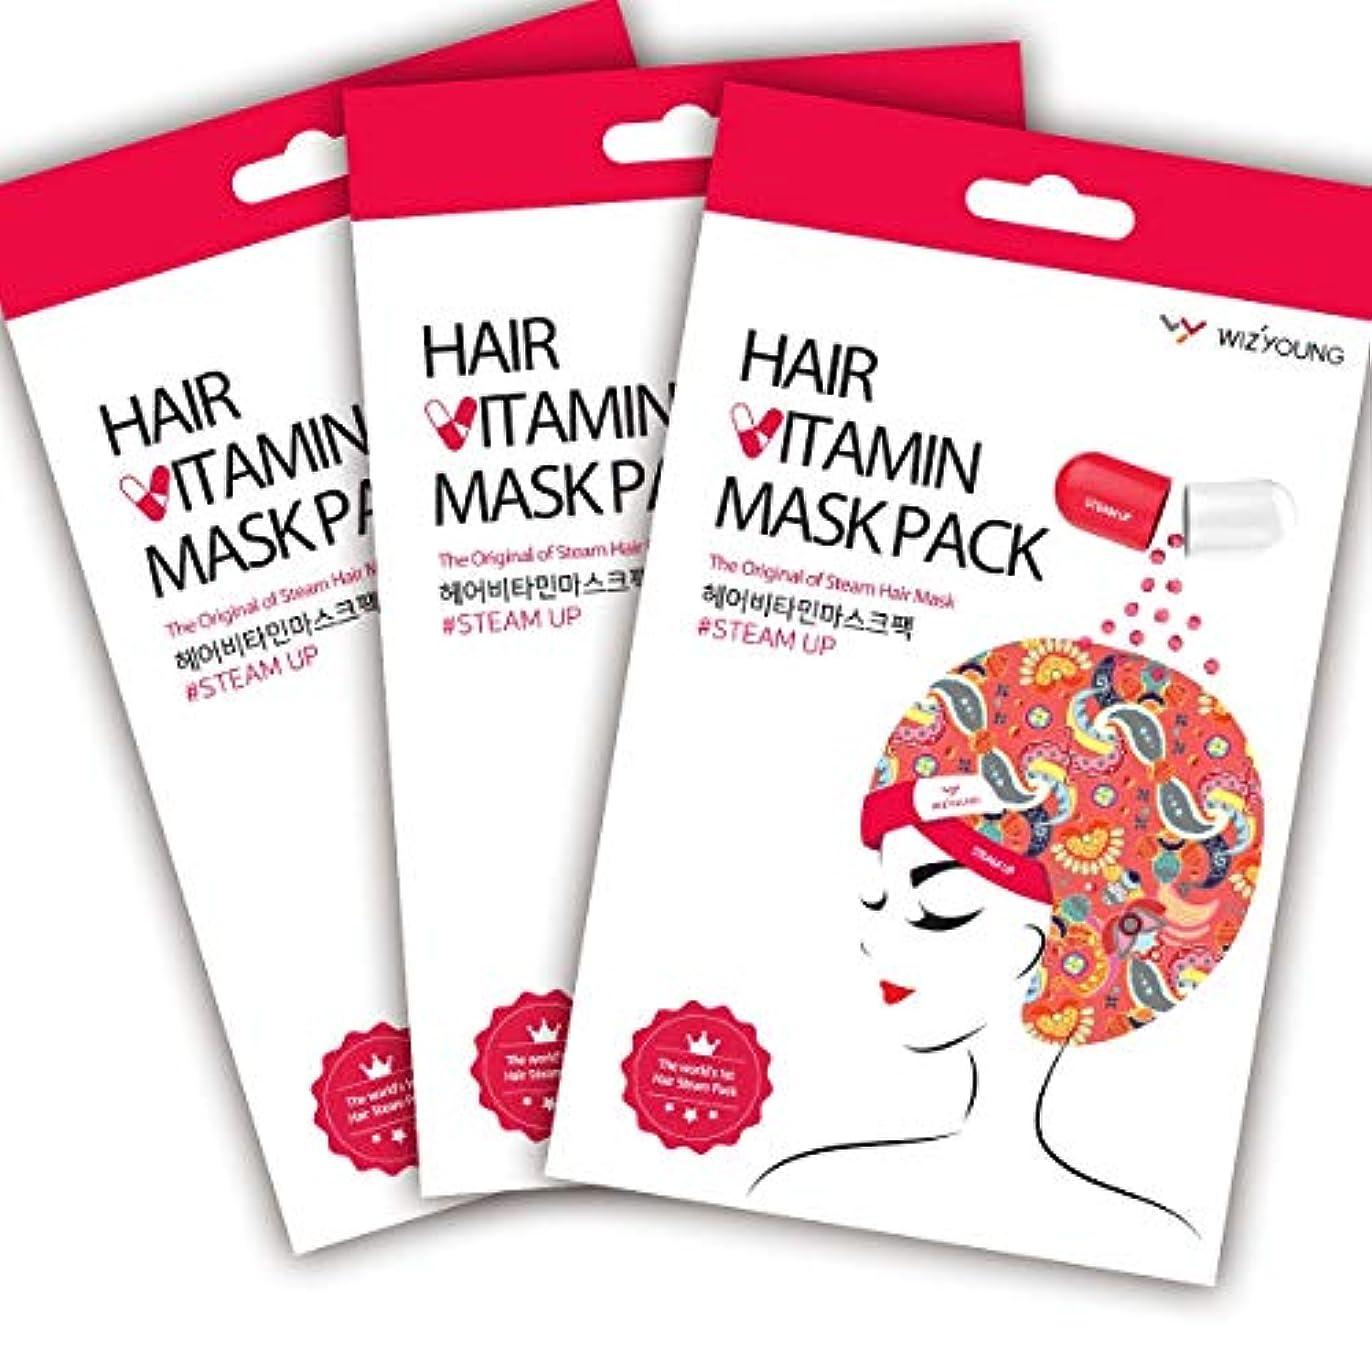 プロトタイプ代数公爵ヘアビタミンマスクパック スチームアップ 3パックセット HAIR VITAMIN MASK PACK STEAM UP